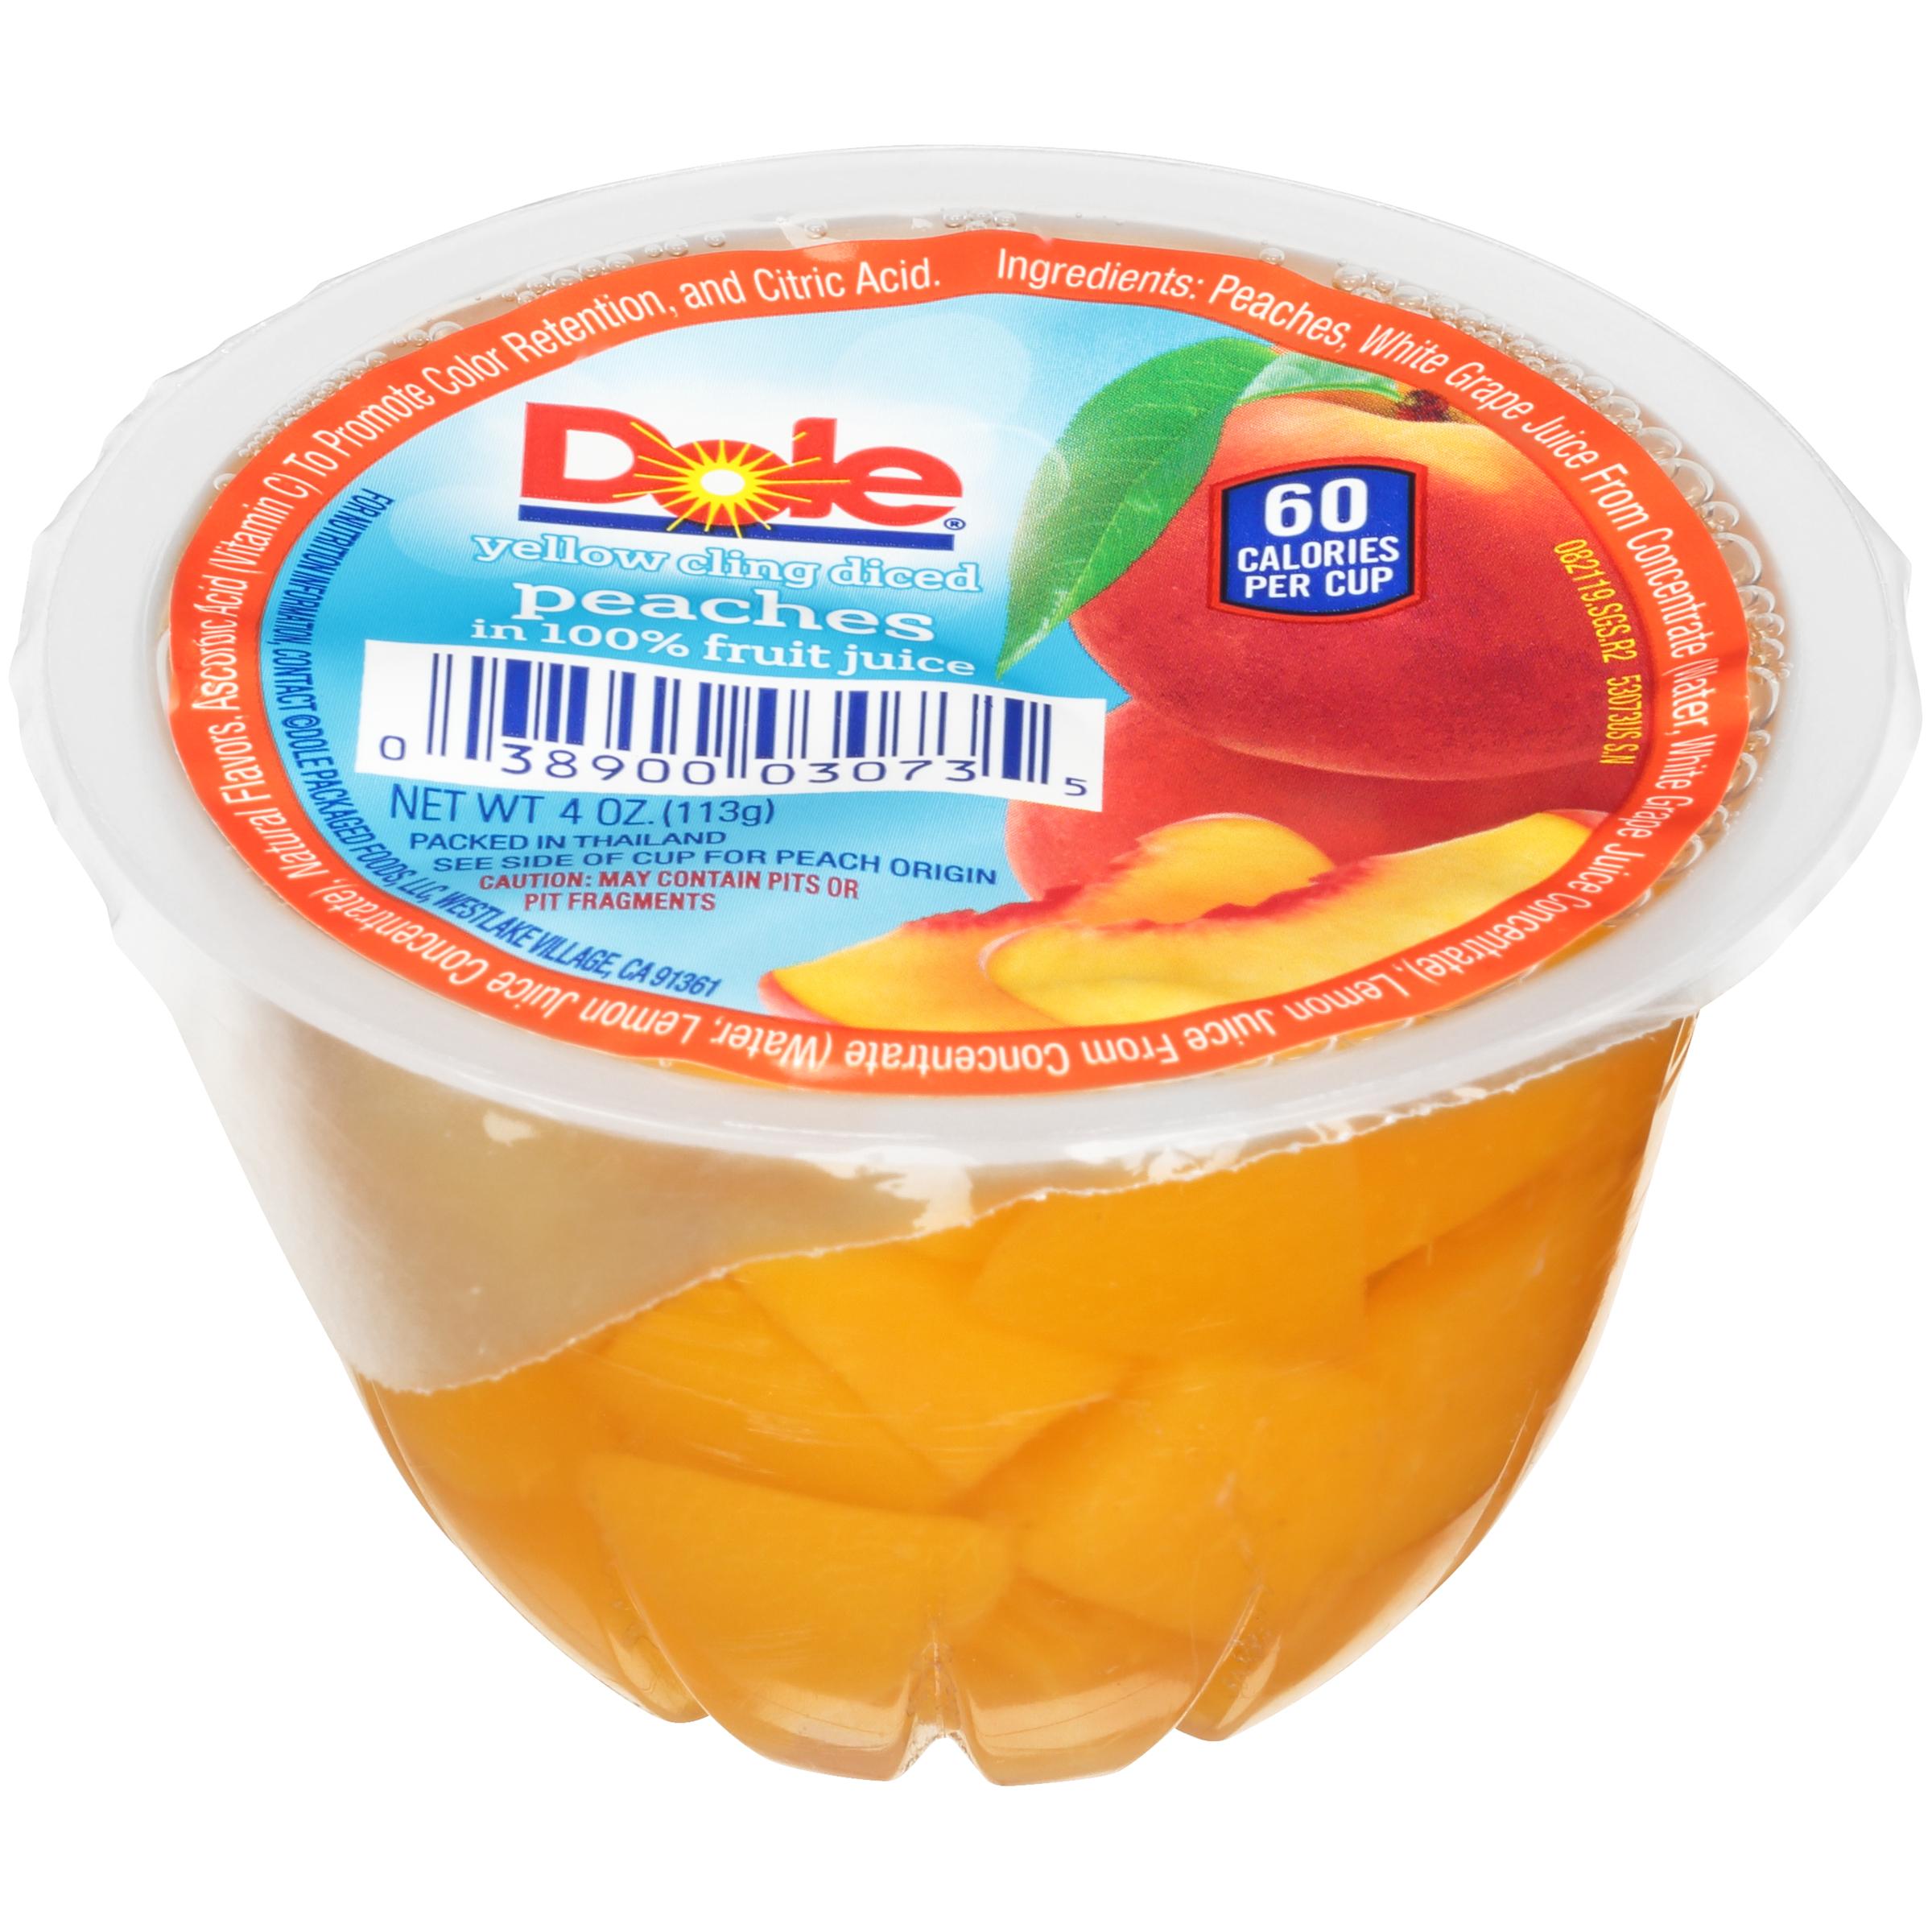 36/4 Diced Peaches In Juice